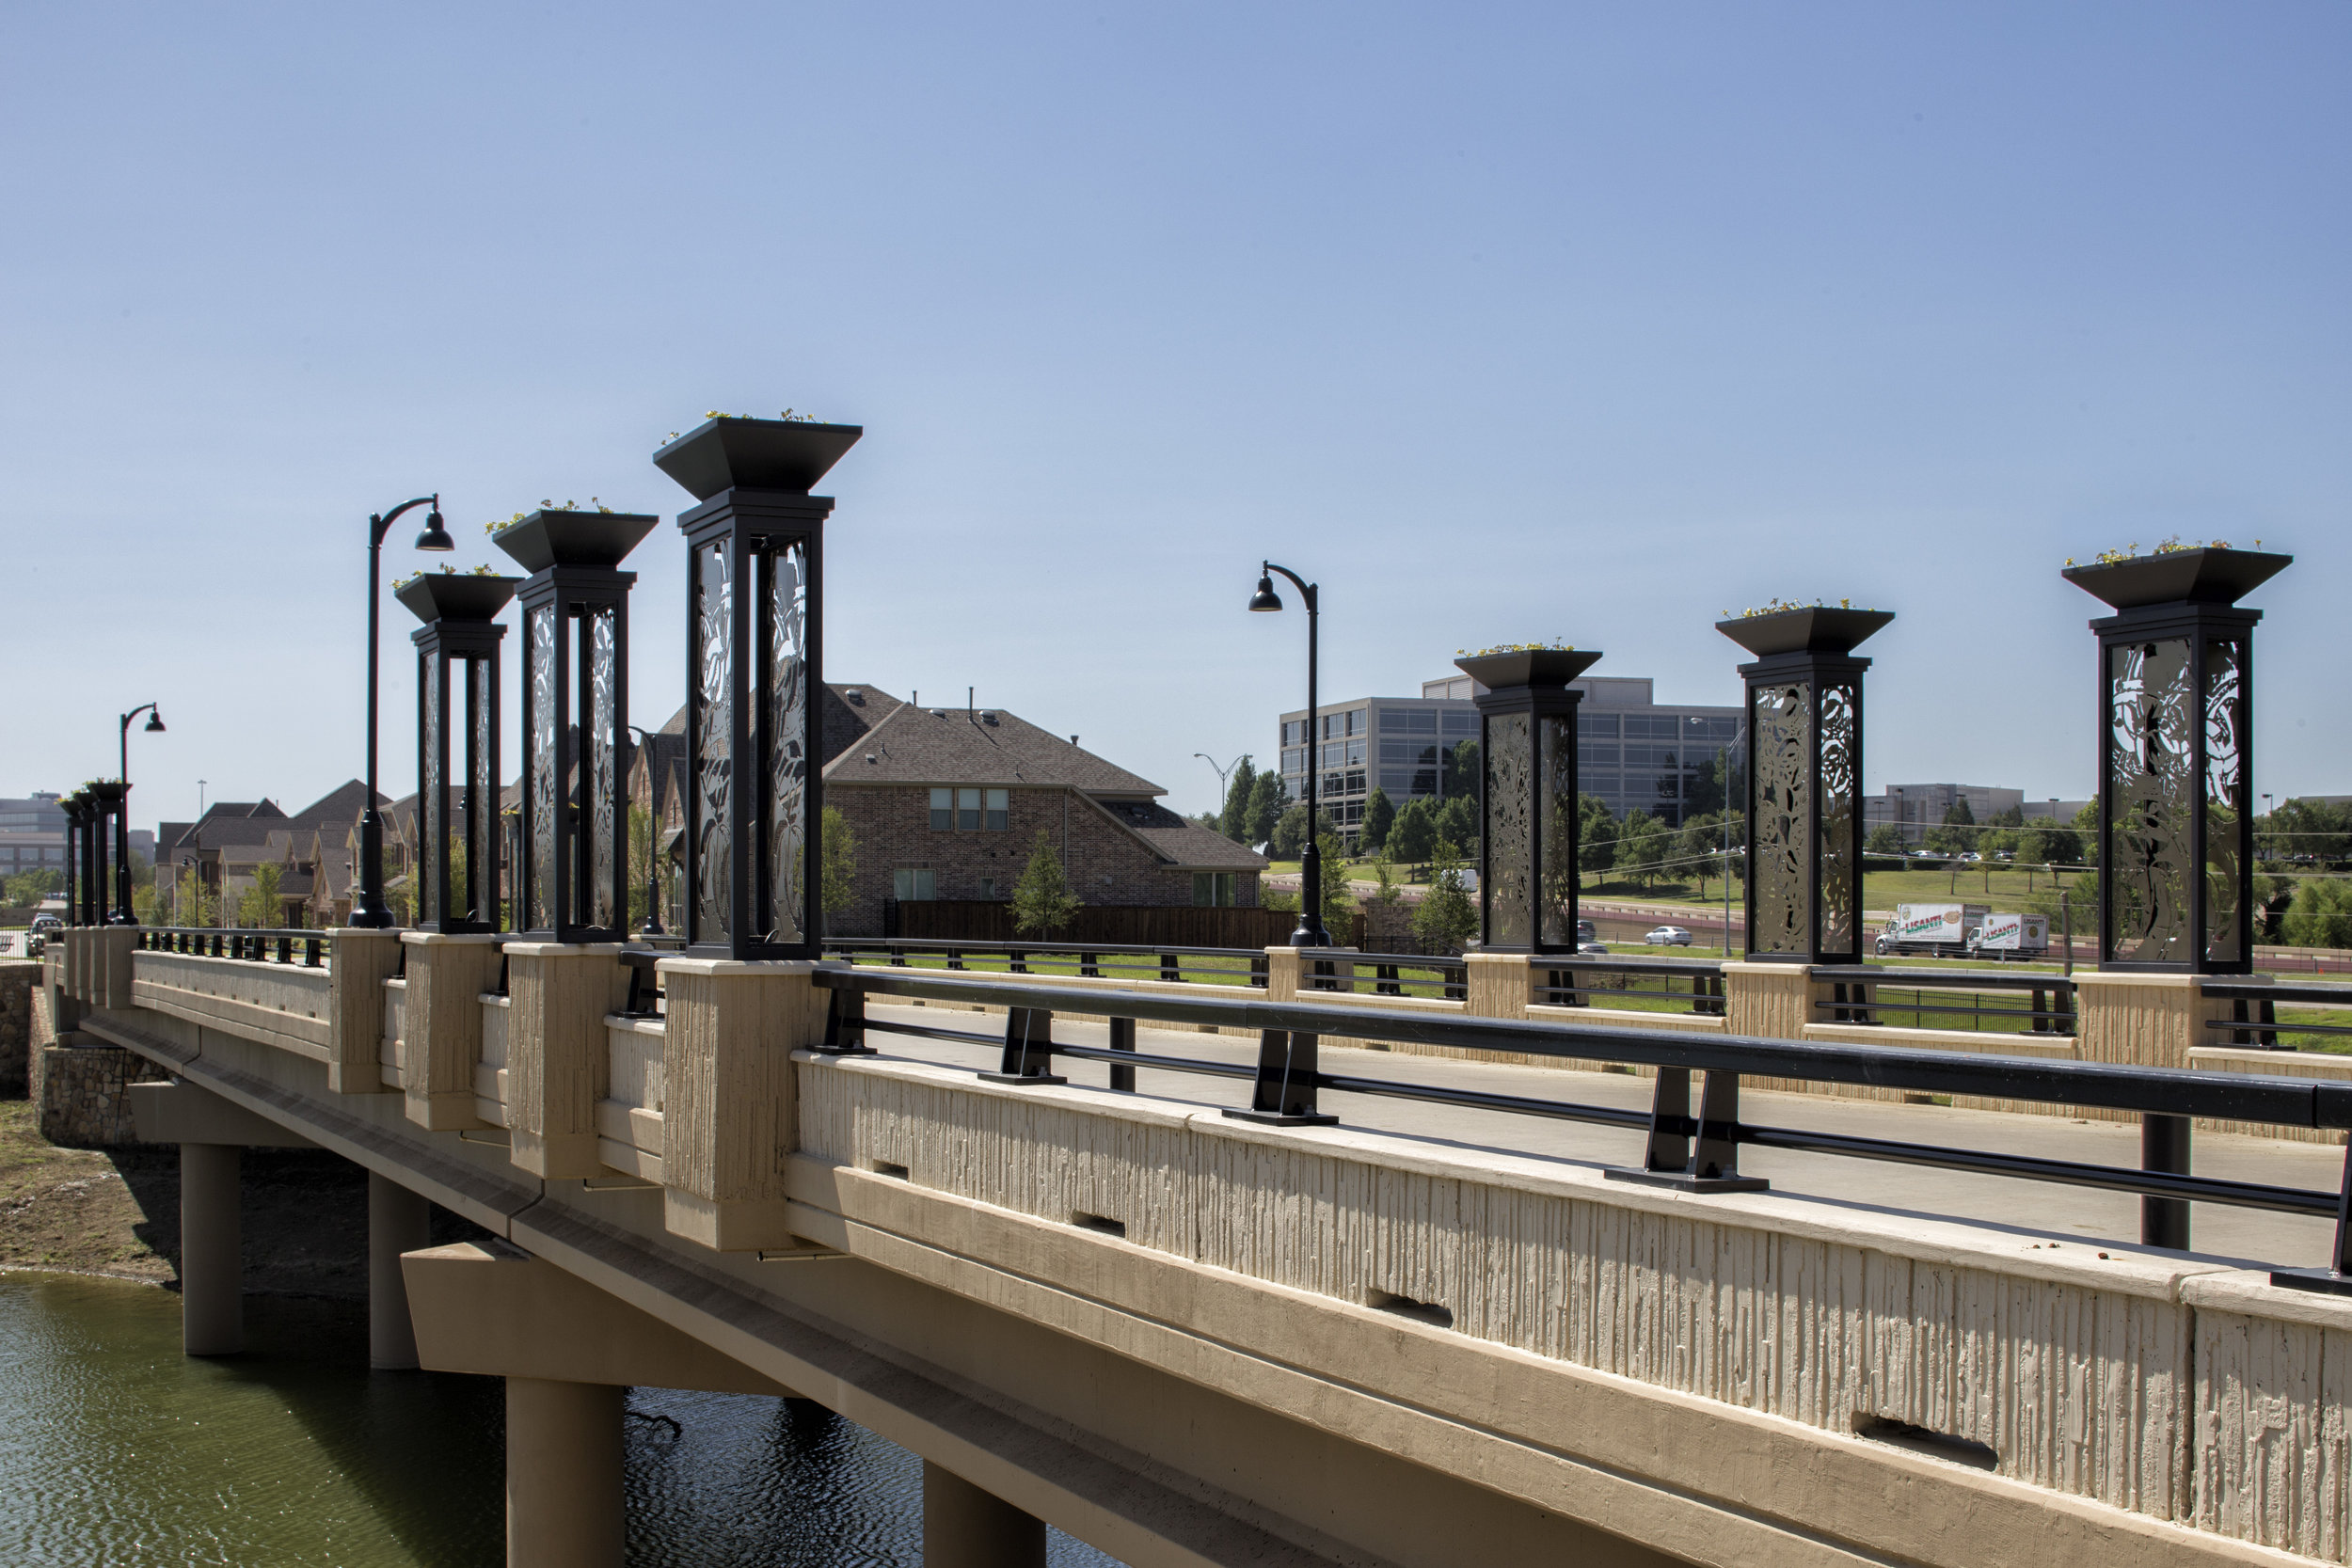 The Bridges at Las Colinas